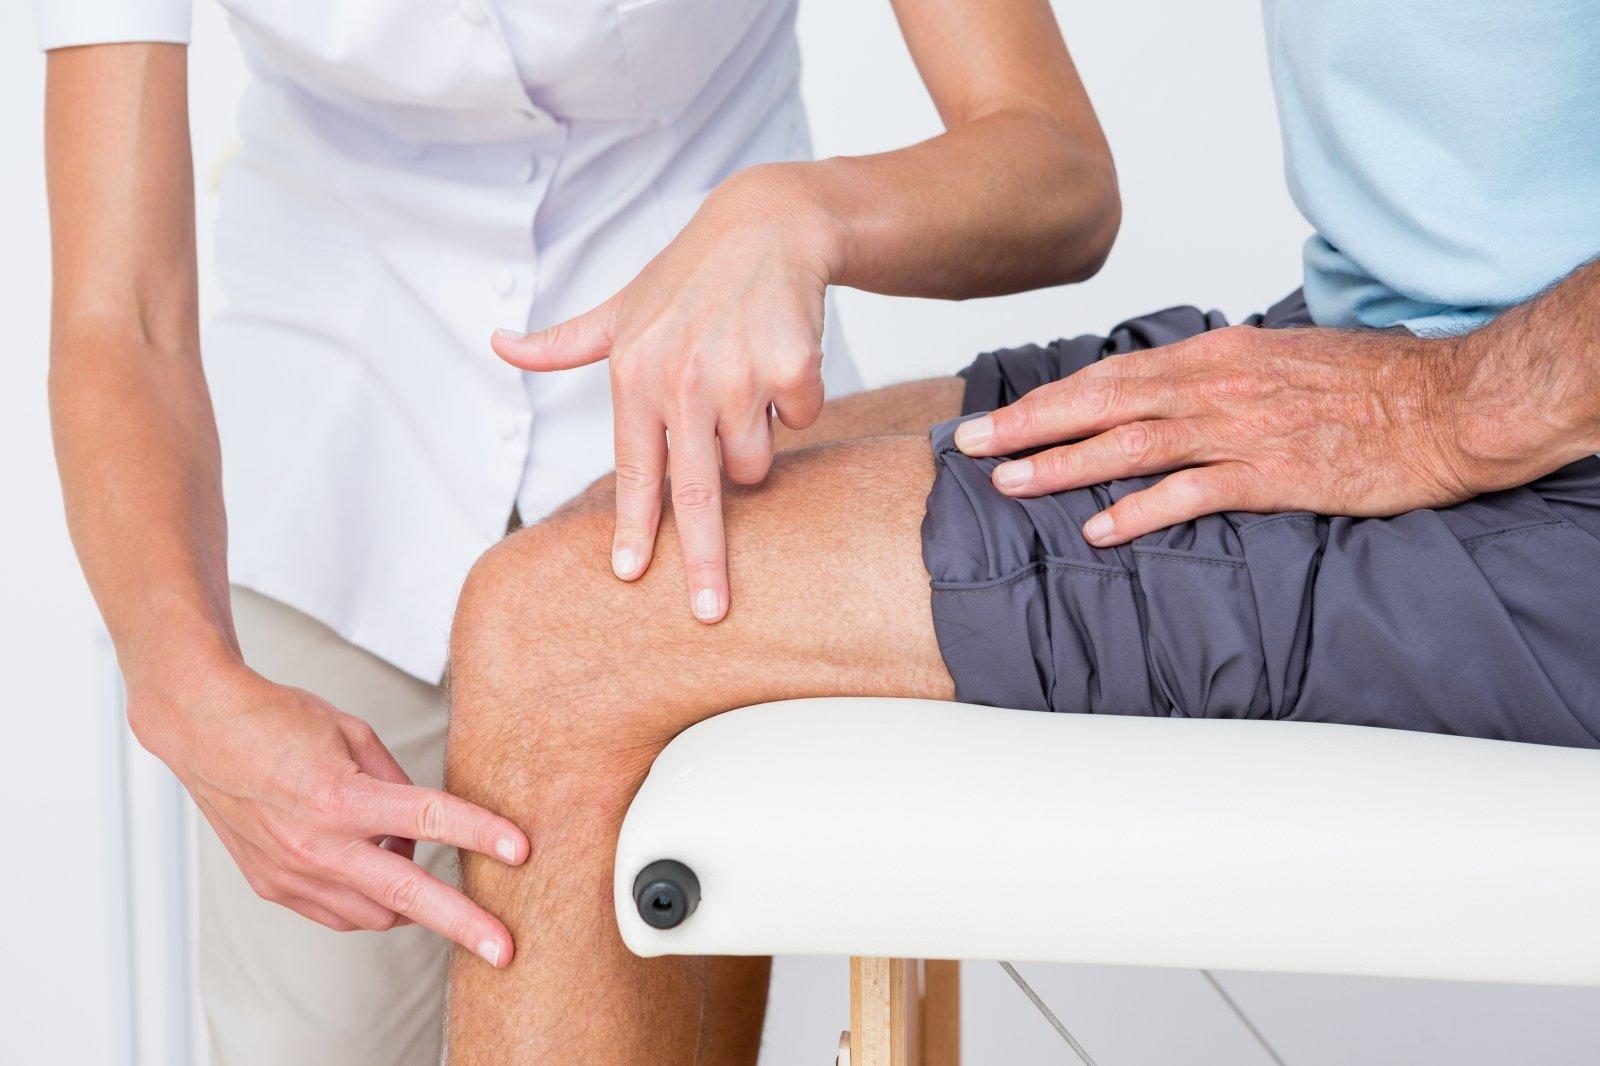 gydymas osteoartrozės sąnarių atsiliepimus pečių sąnarių skausmu liaudies gynimo